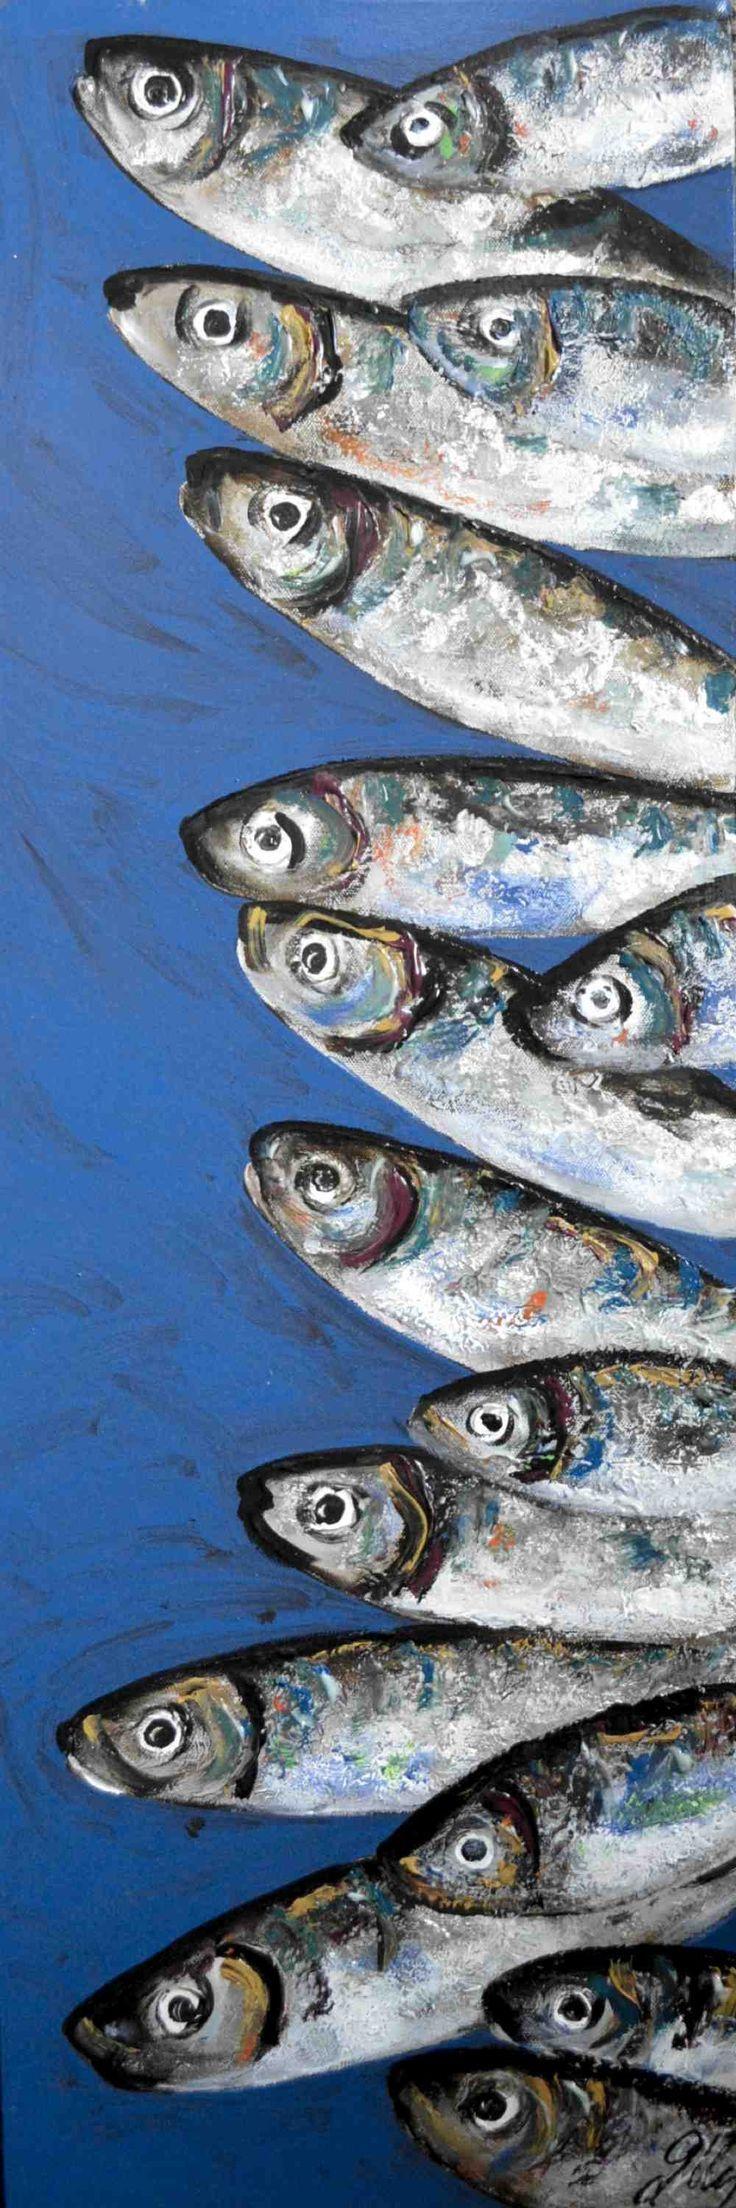 Fish aquarium in jeddah - Sardines En Ligne Plus